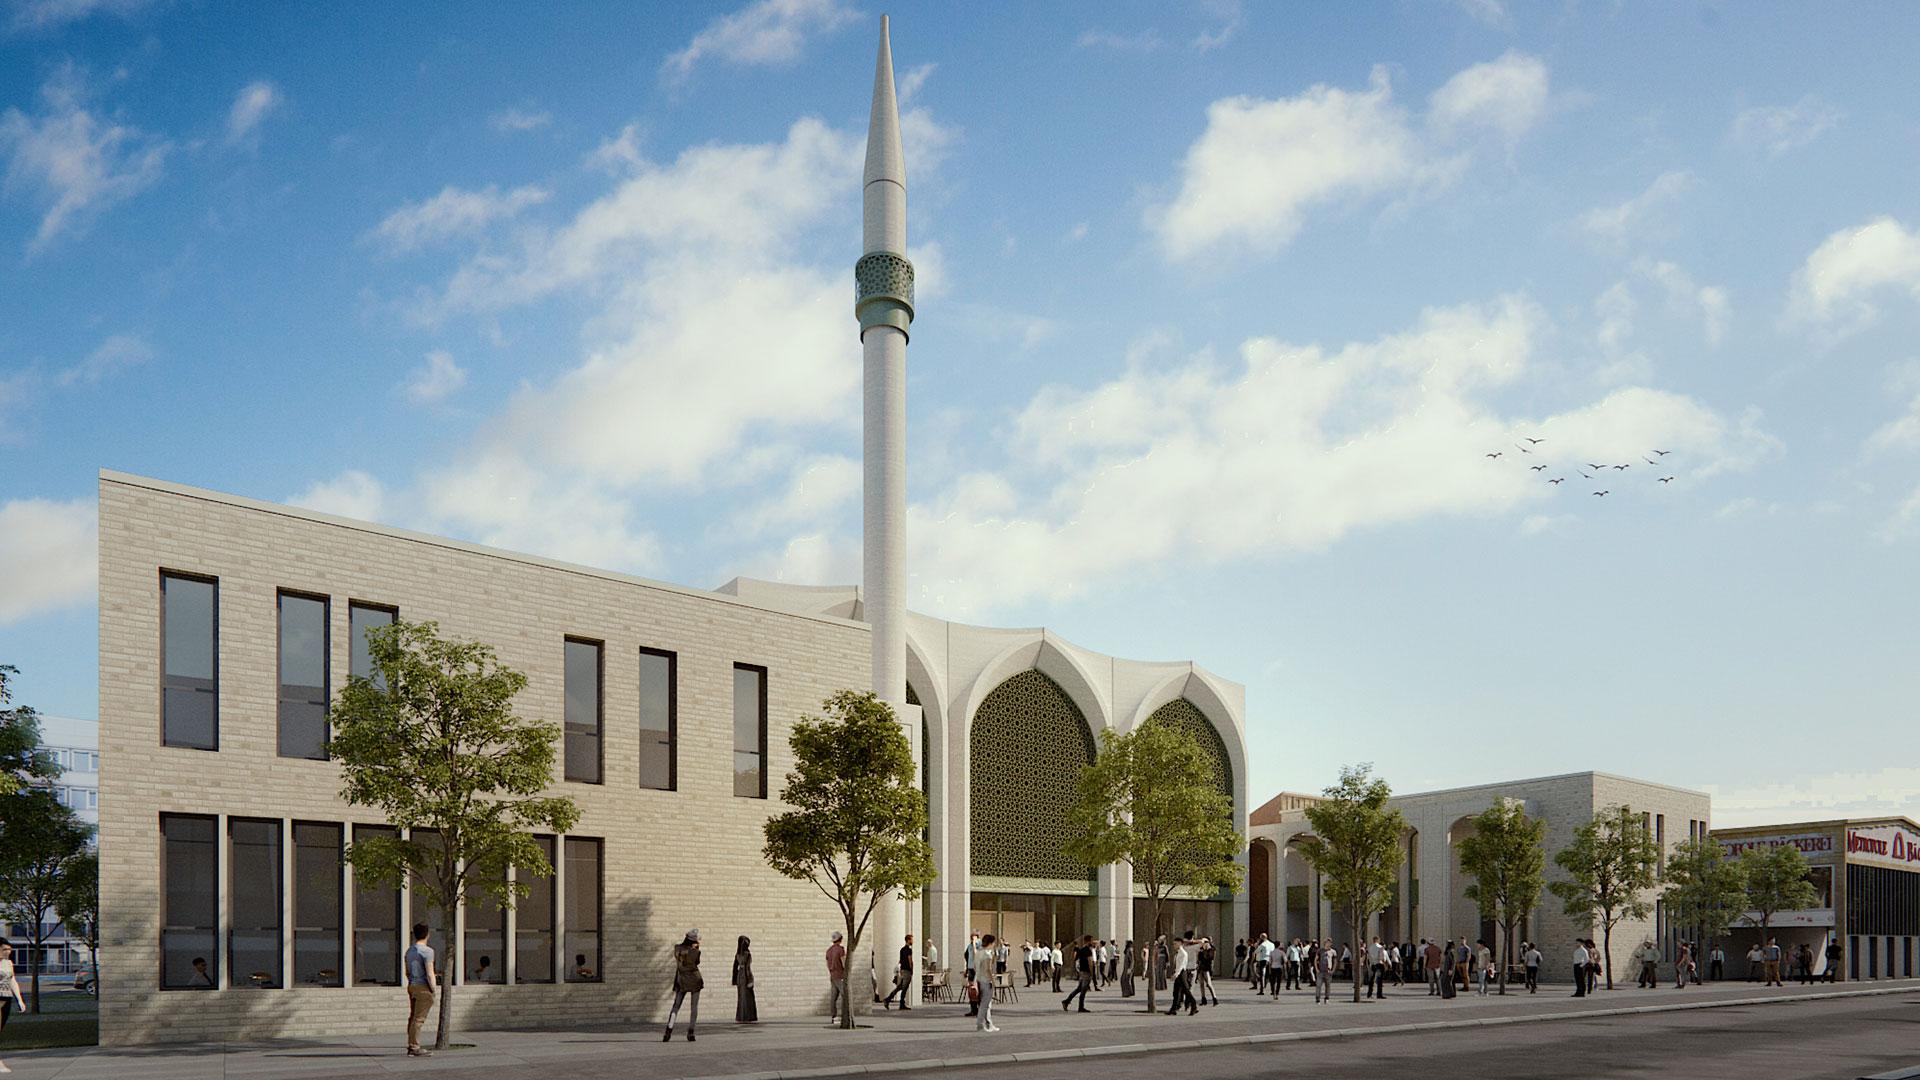 Einheitliches Erscheinungsbild - Die Moschee und ihre Nebengebäude heben sich deutlich von ihrer Umgebung ab.